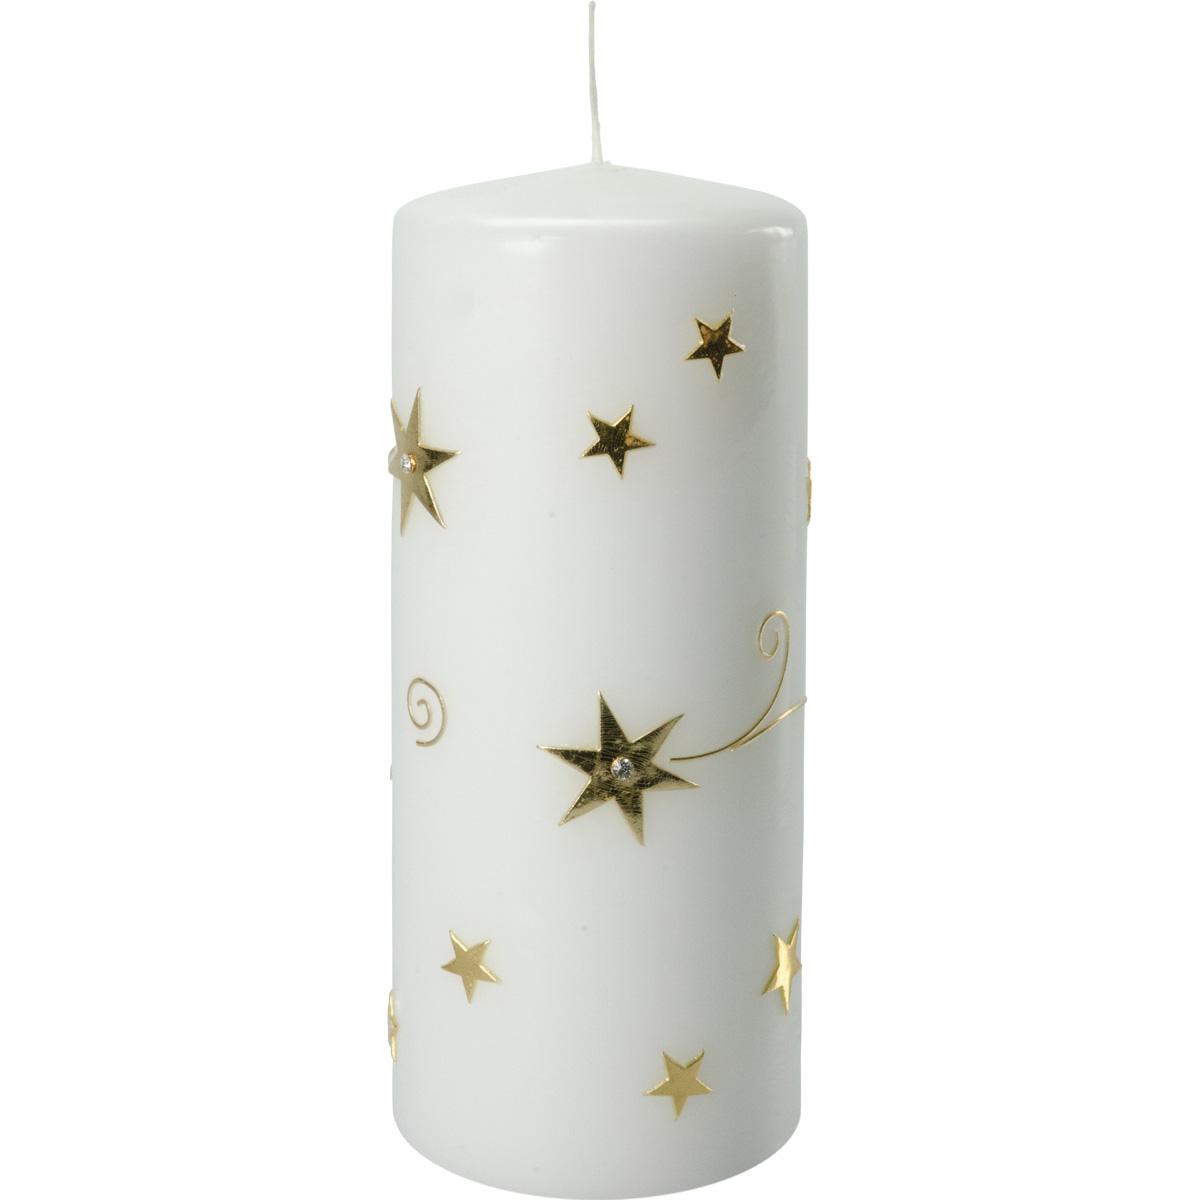 Weihnachtskerze, 3014, 20 x 8 cm, weiß, Sterne, gold